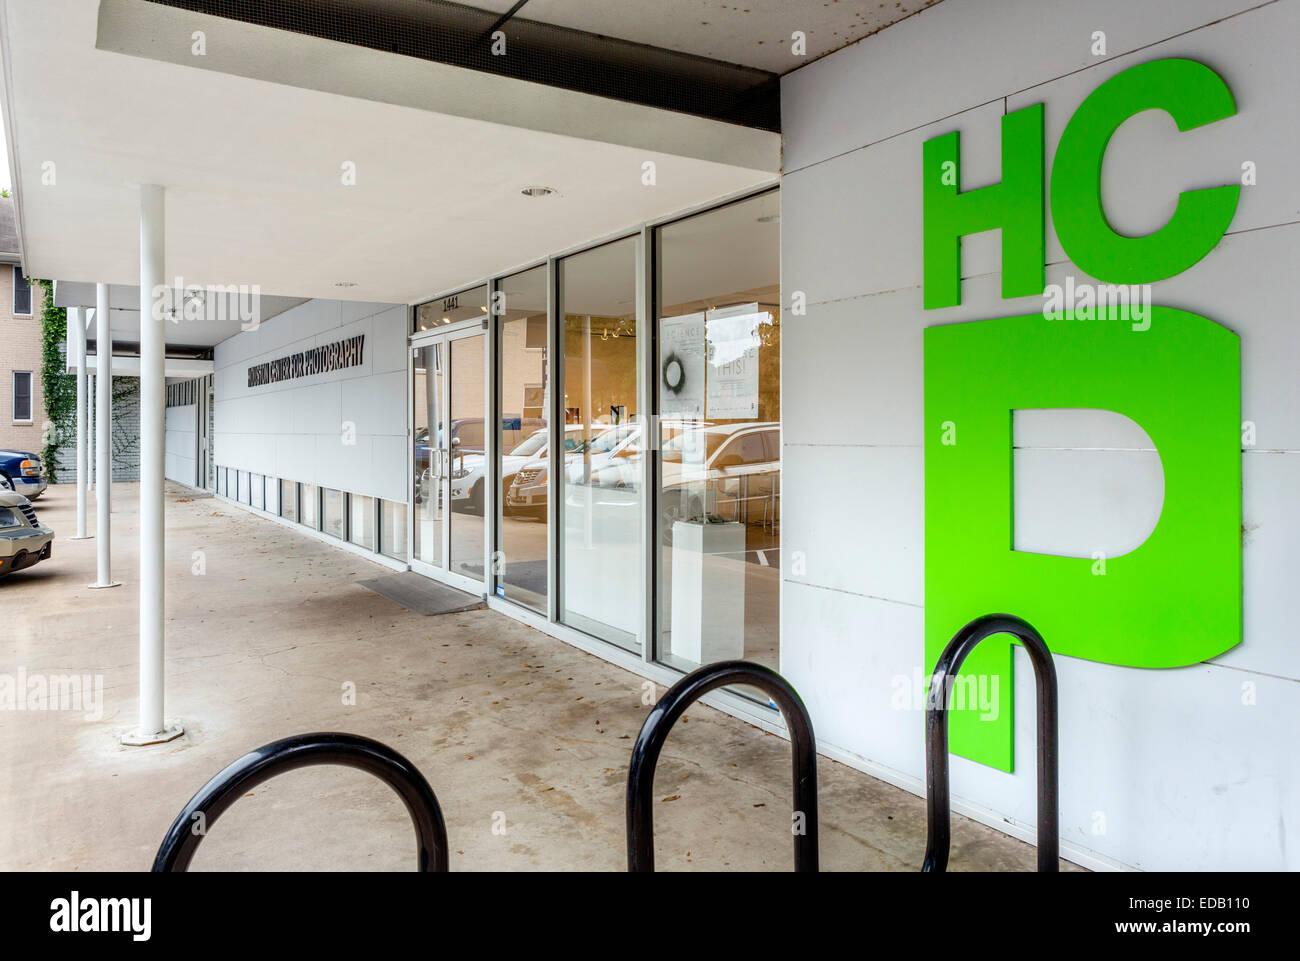 Centro de Houston para la fotografía (HCP), Montrose/distrito de museos de Houston, Texas, EE.UU. Imagen De Stock